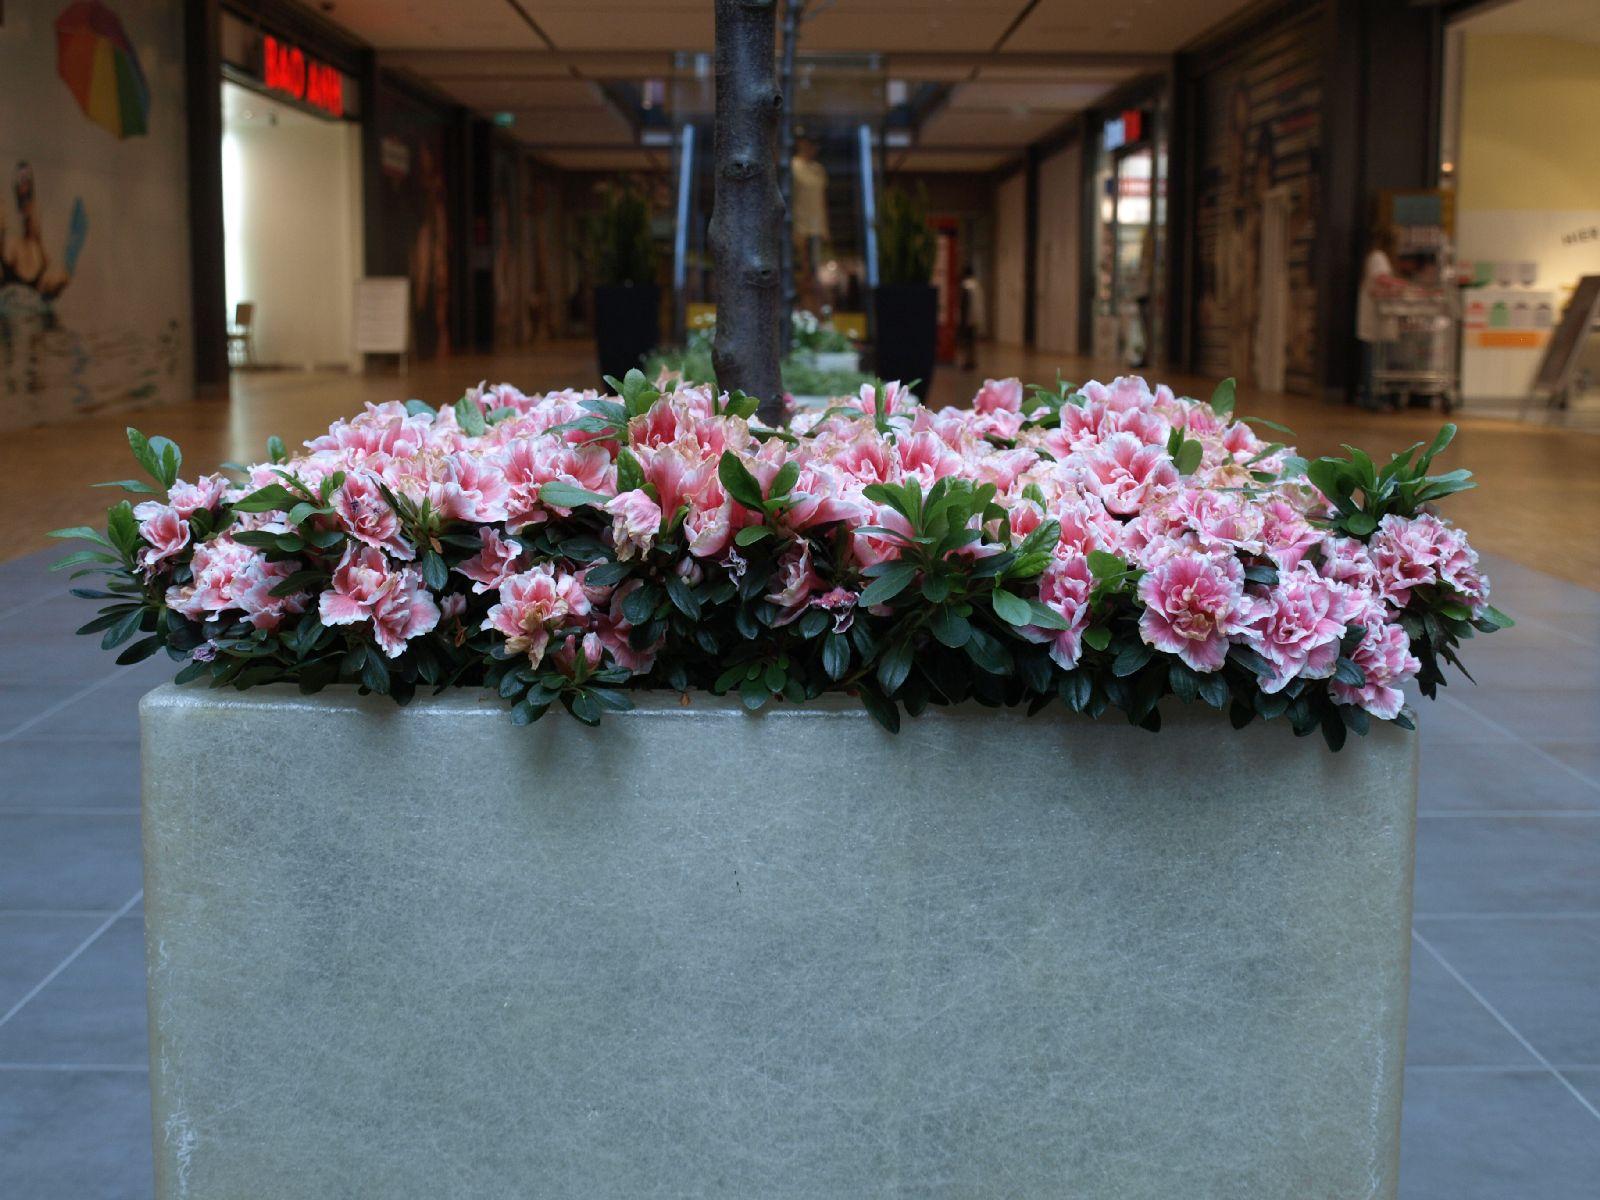 Pflanzen-Blumen-Foto_Textur_B_P4282864